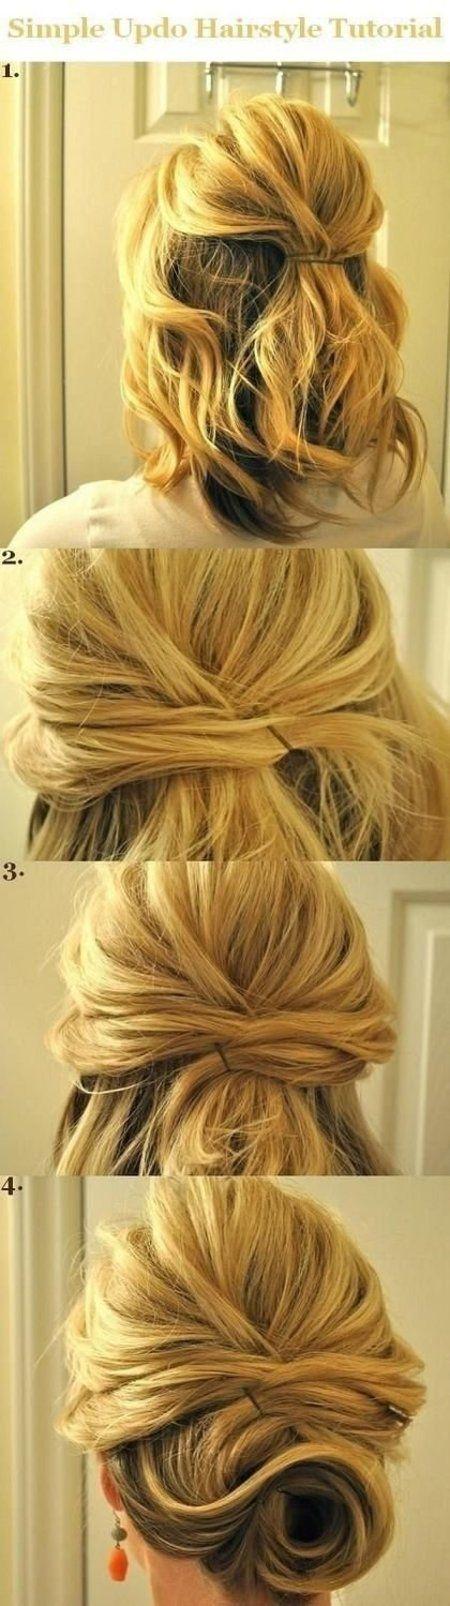 Pretty updo hair tutorial